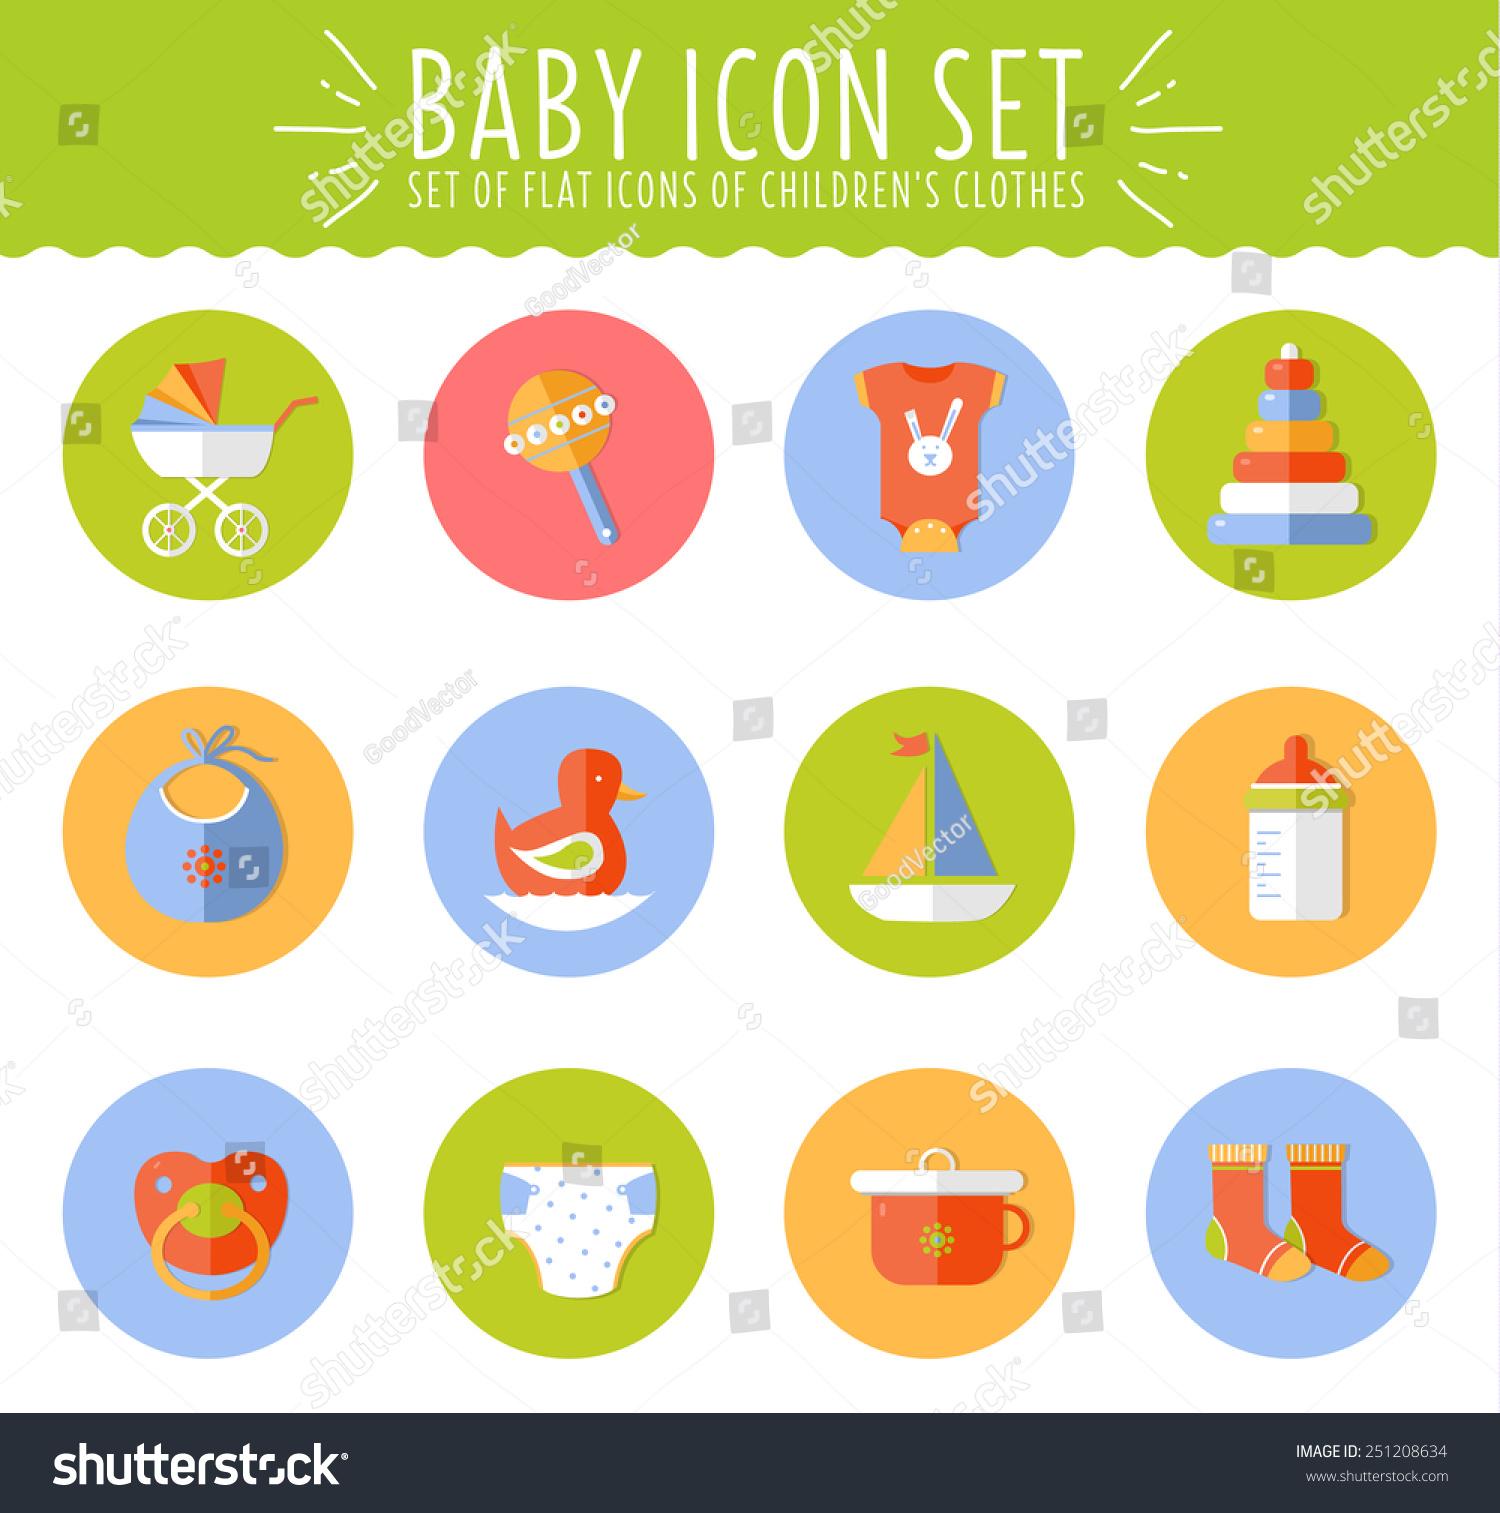 矢量概念平面设计的可爱宝宝组合图标-符号/标志,其它